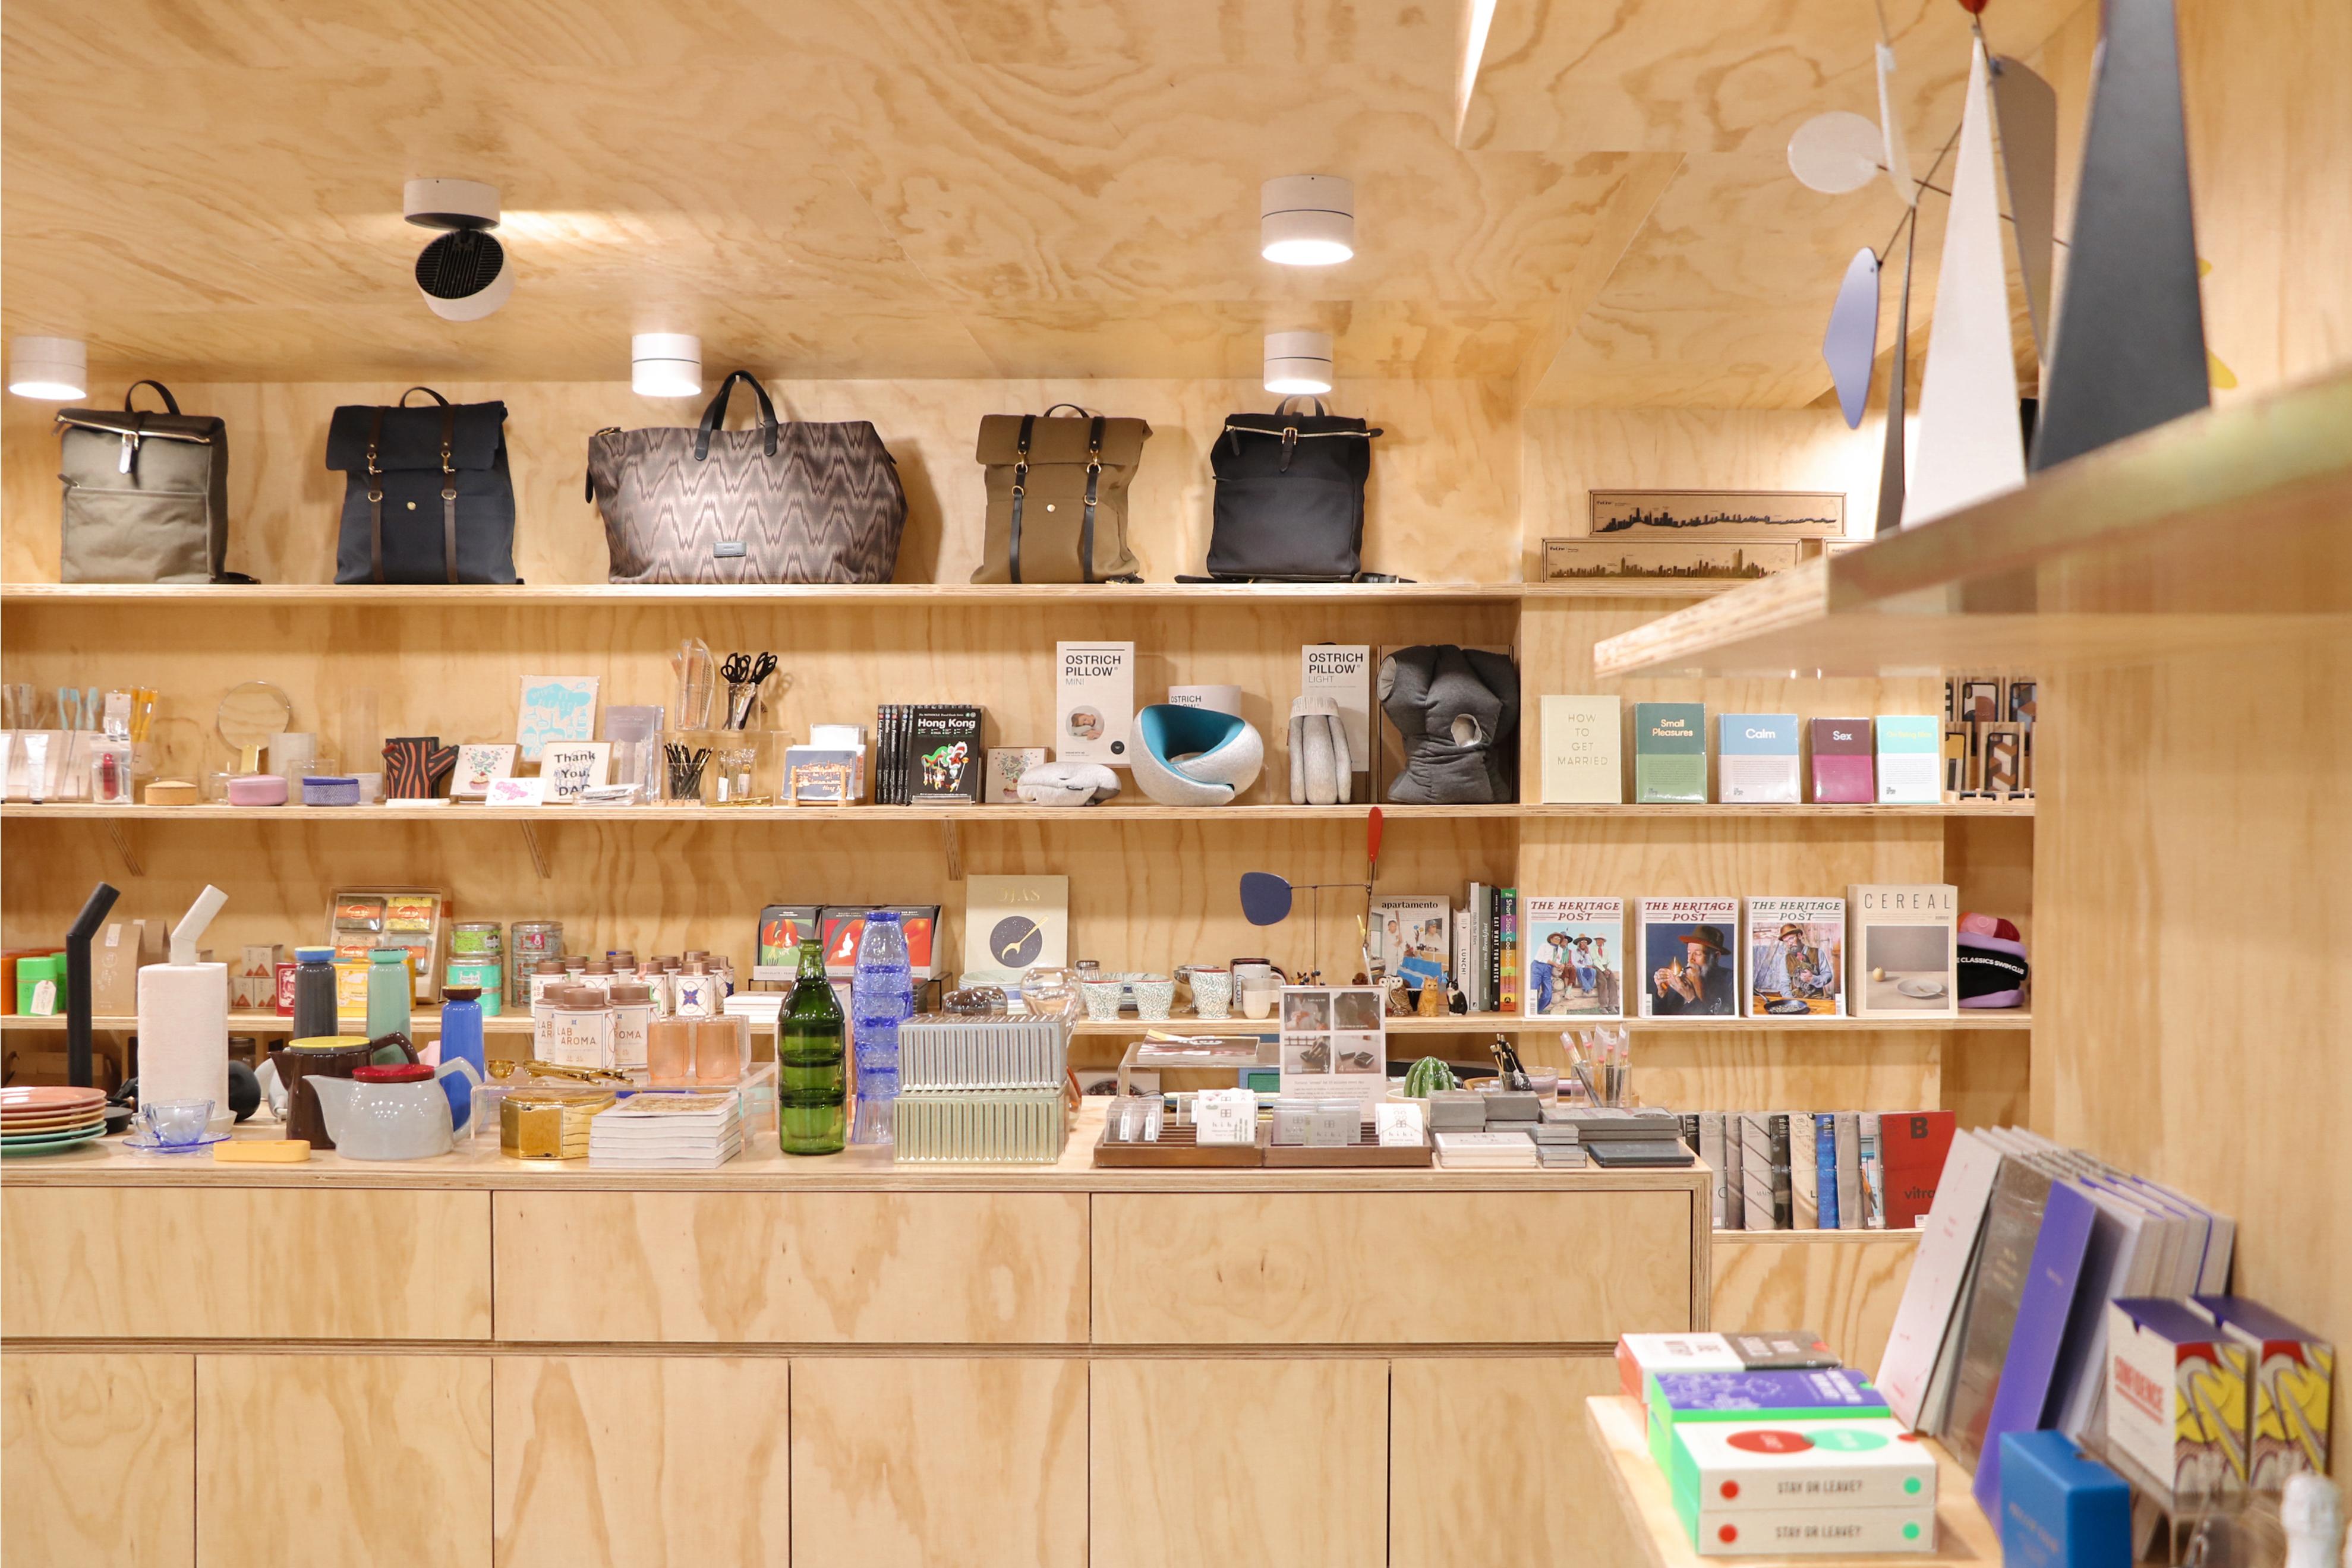 Inside the Kapok store.